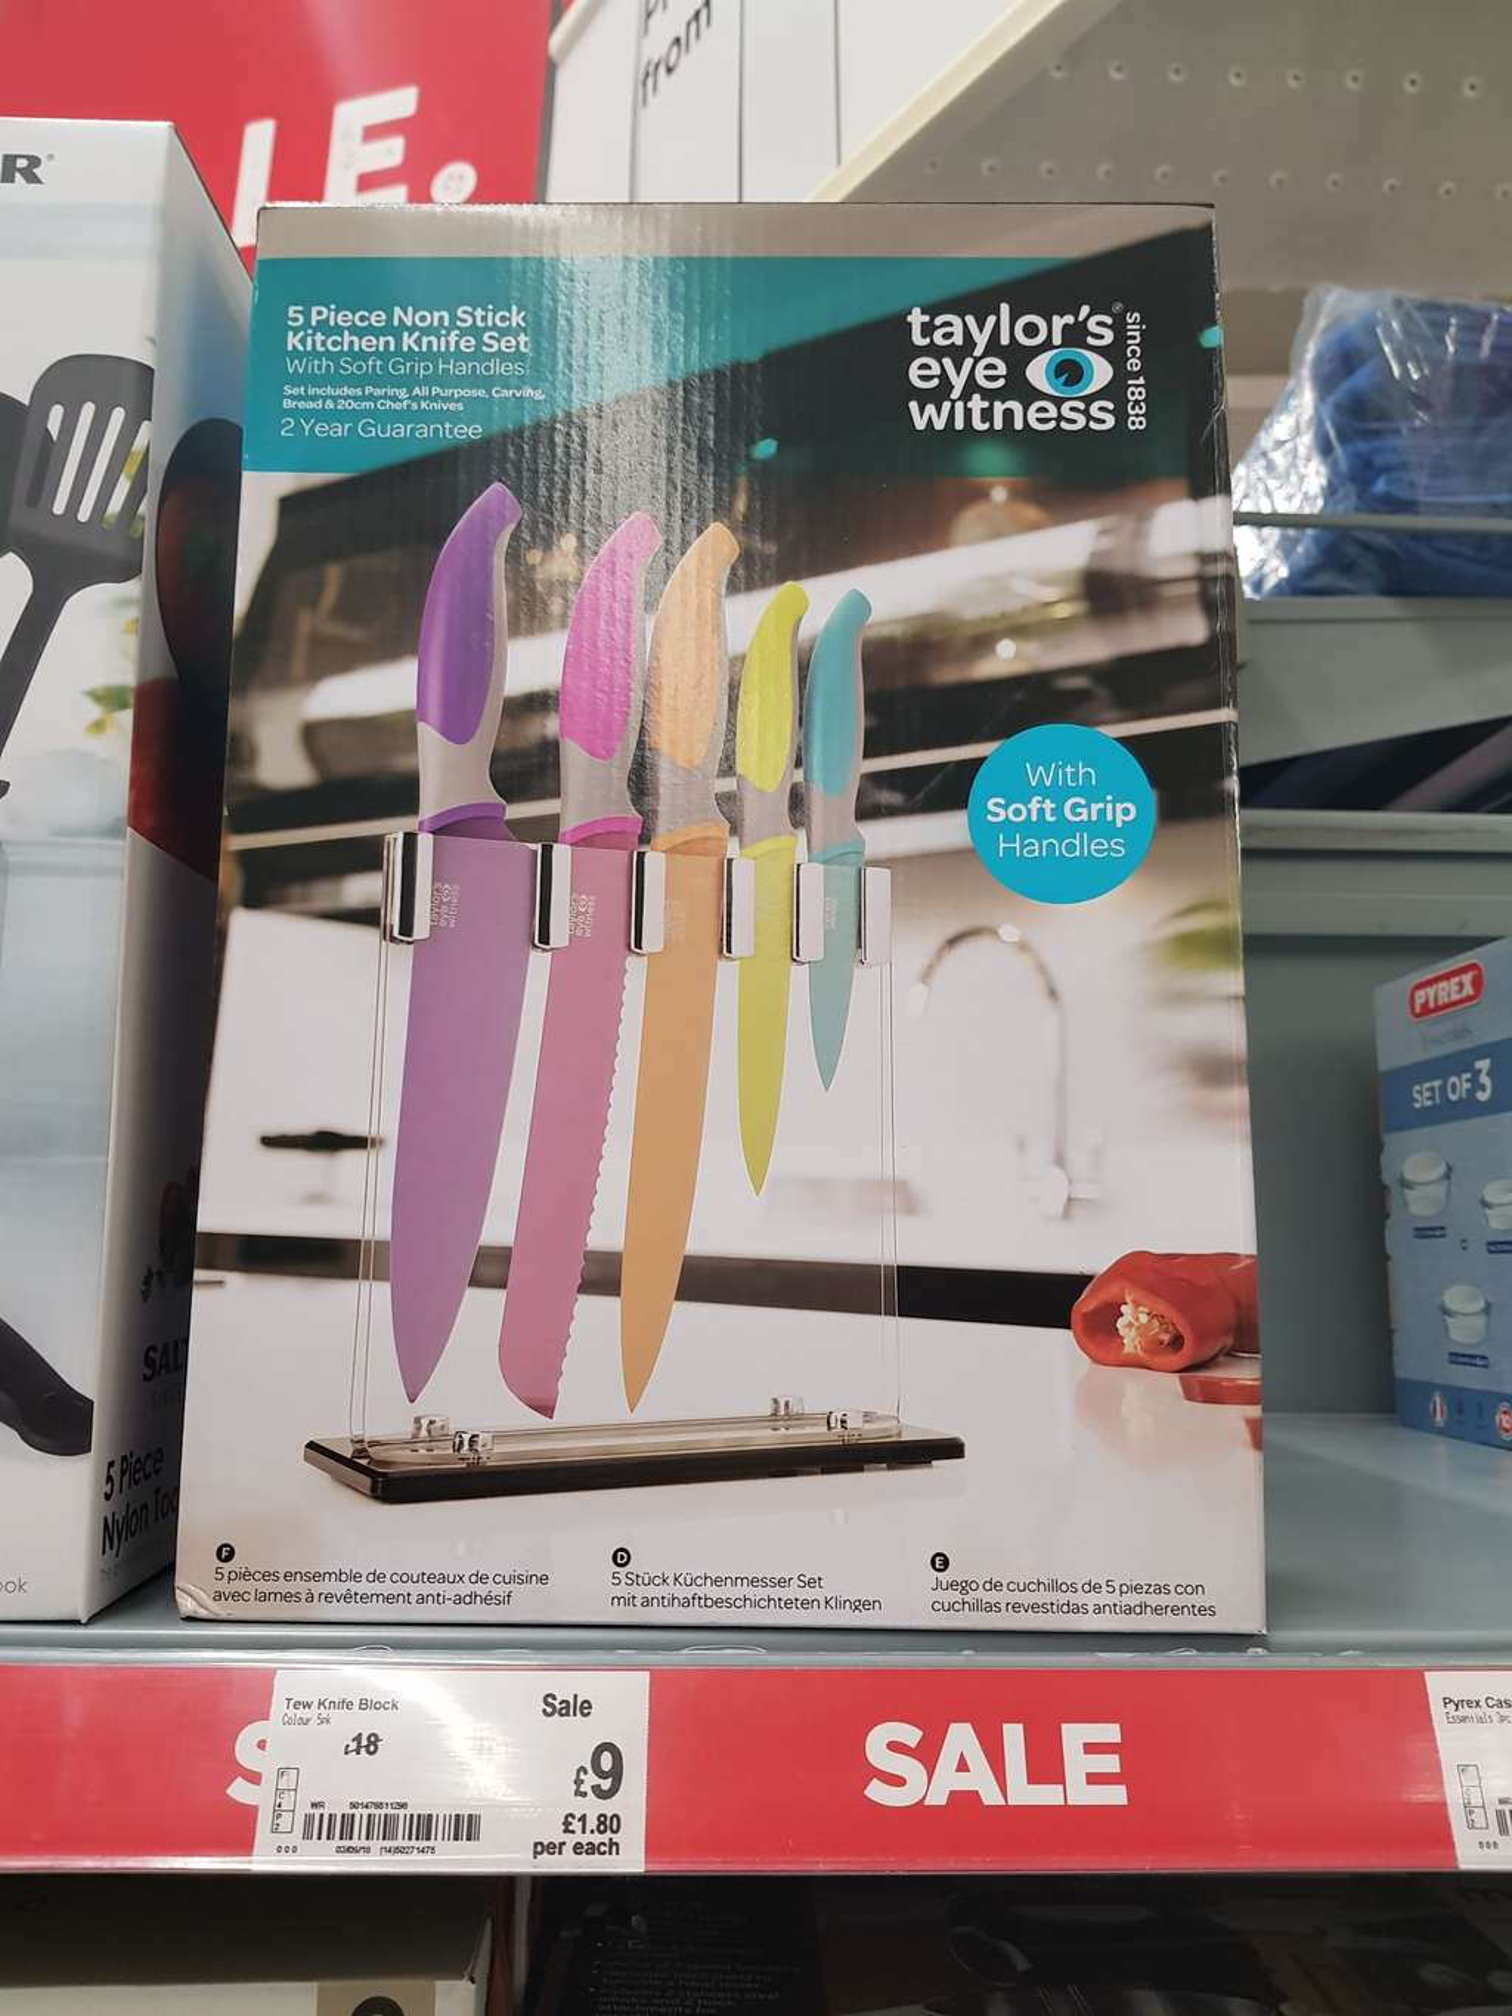 Taylor S Eye Witness 5 Piece Non Stick Kitchen Knife Set